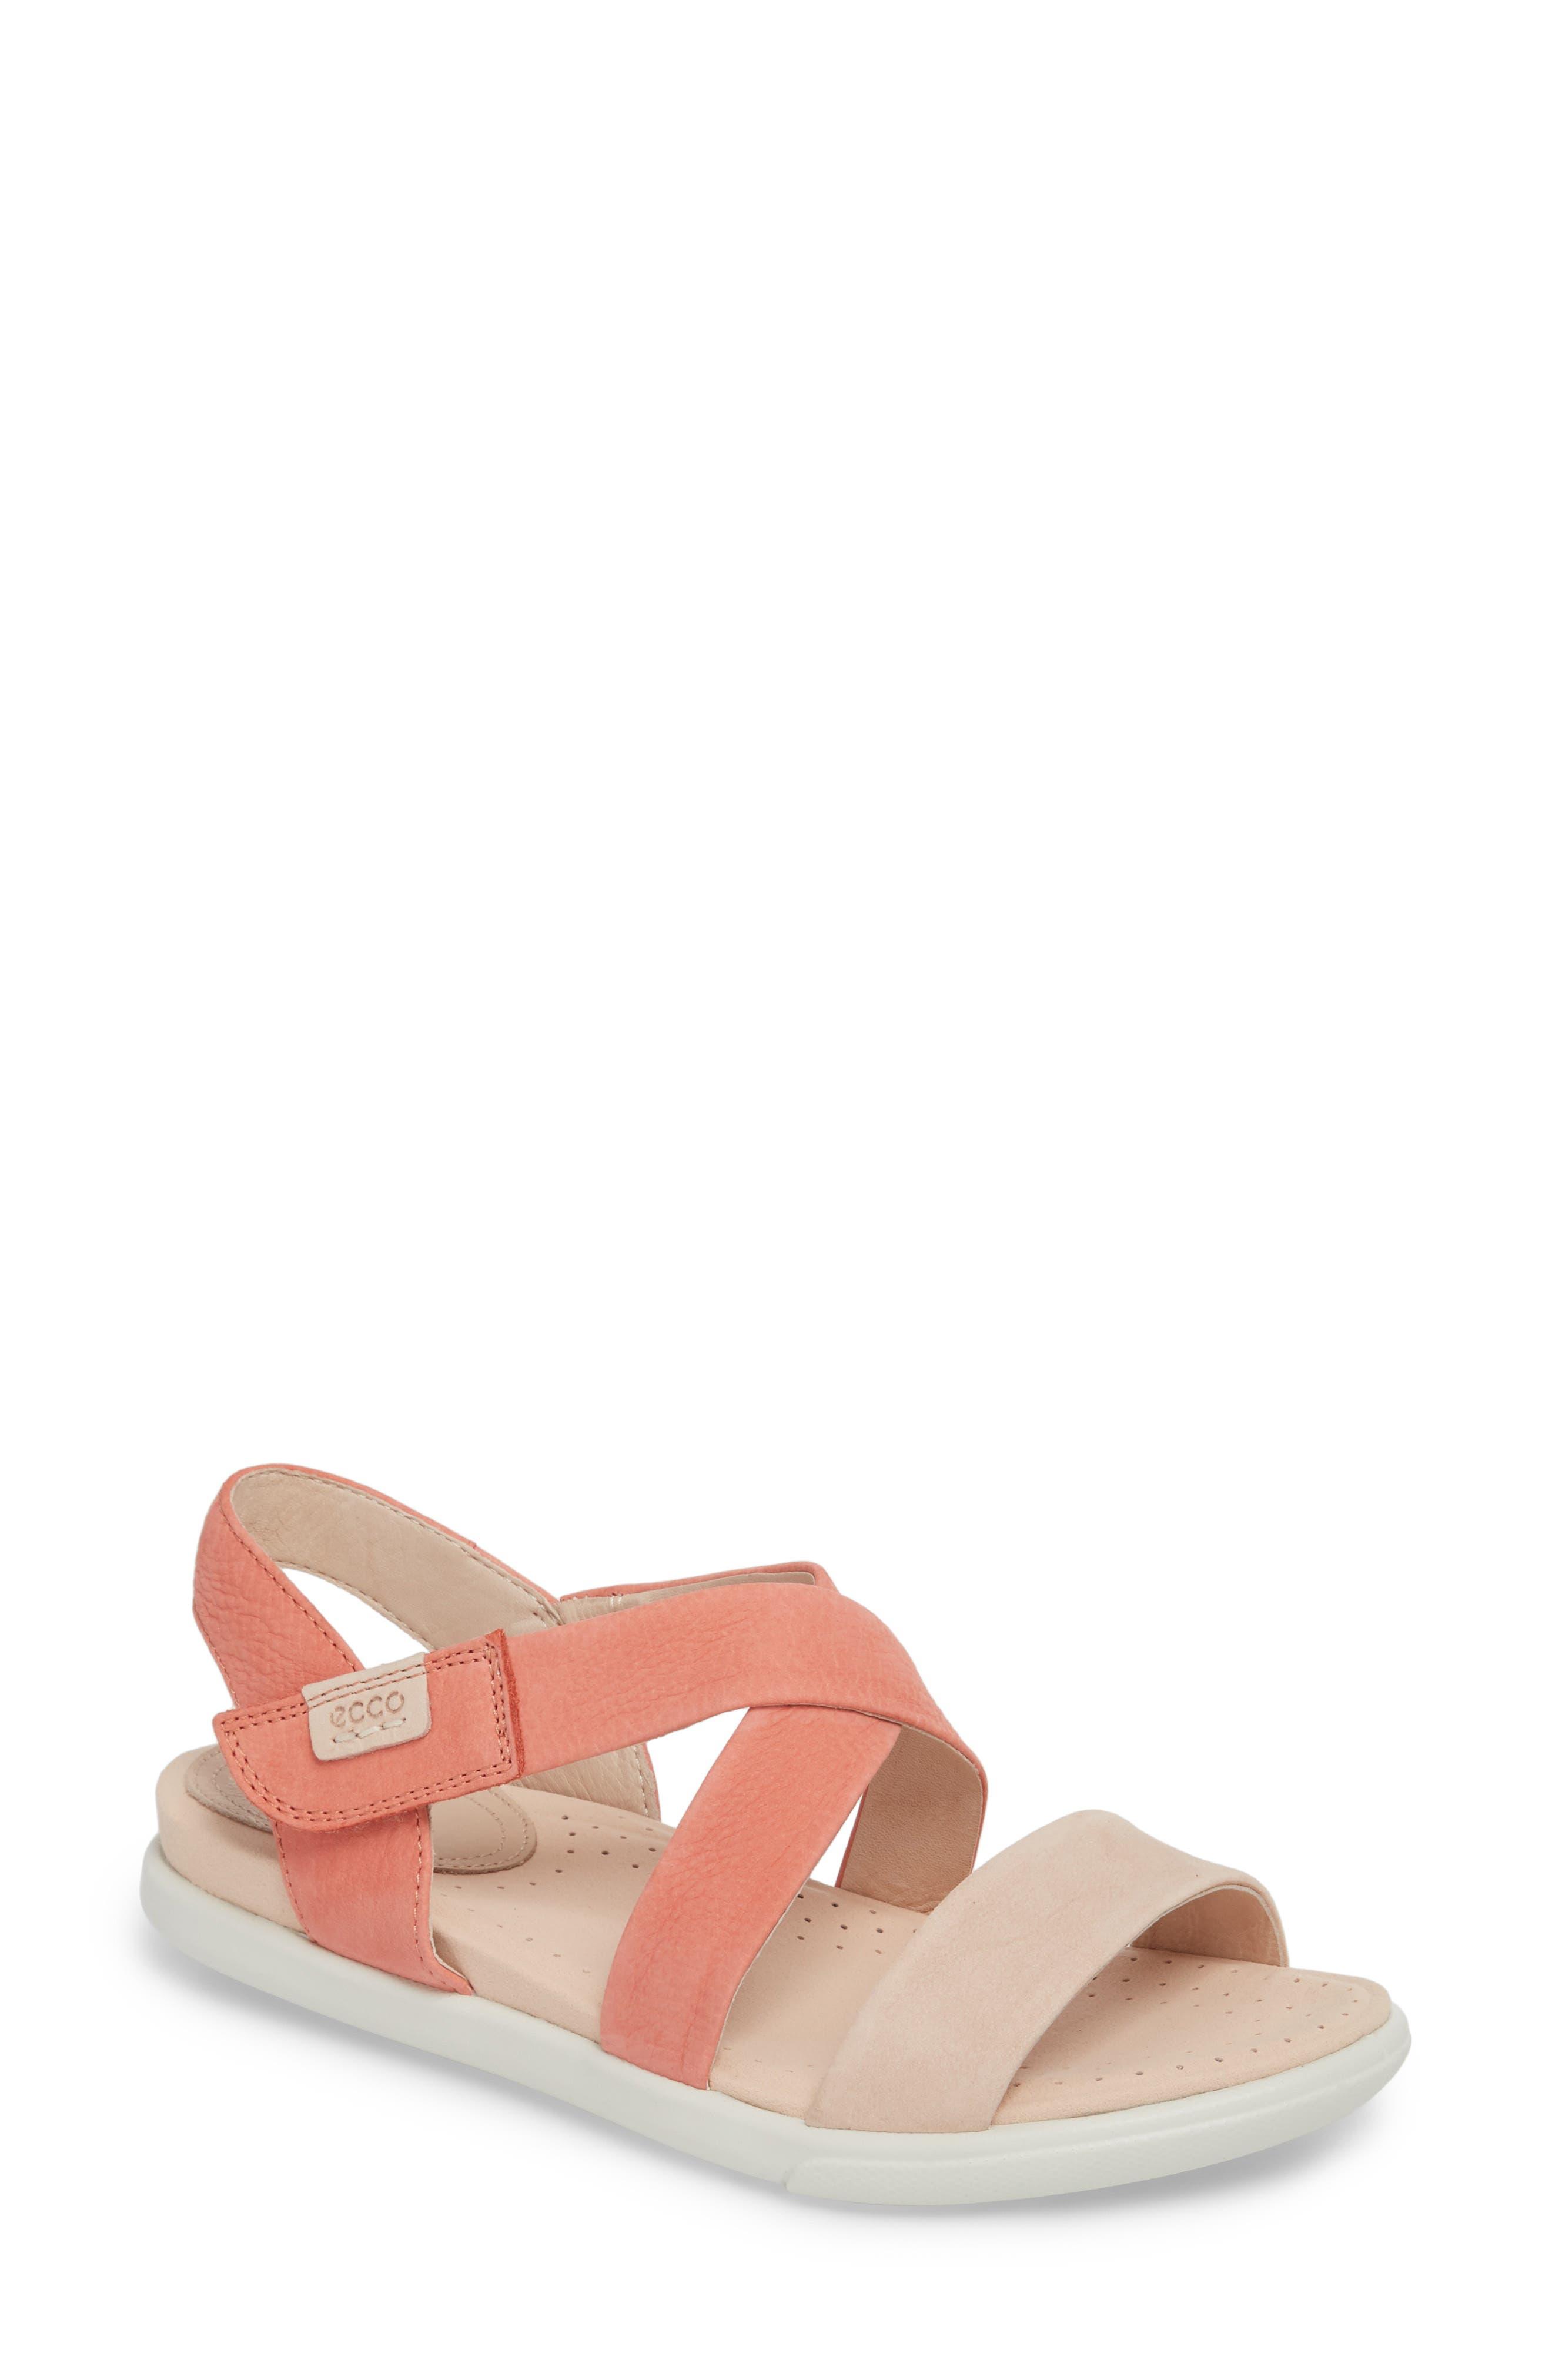 Alternate Image 1 Selected - ECCO Damara Cross-Strap Sandal (Women)